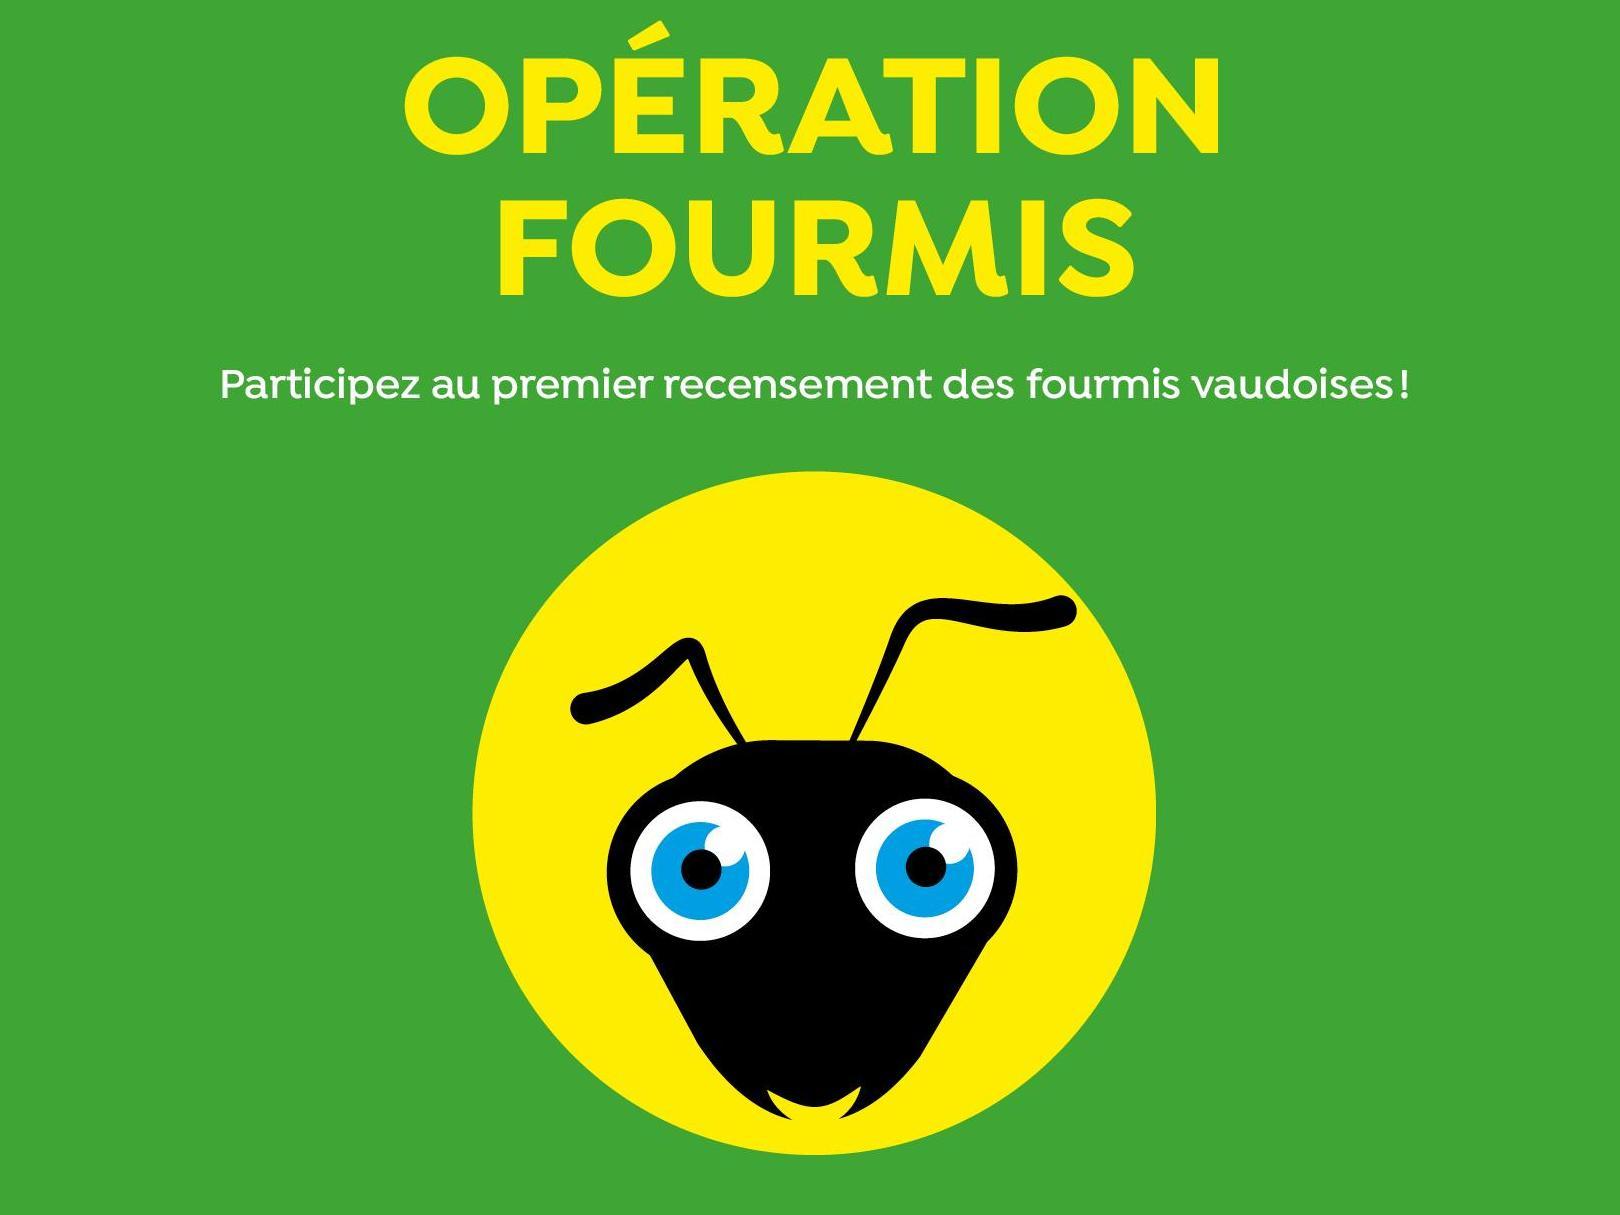 À vos kits pour l'Opération fourmis!